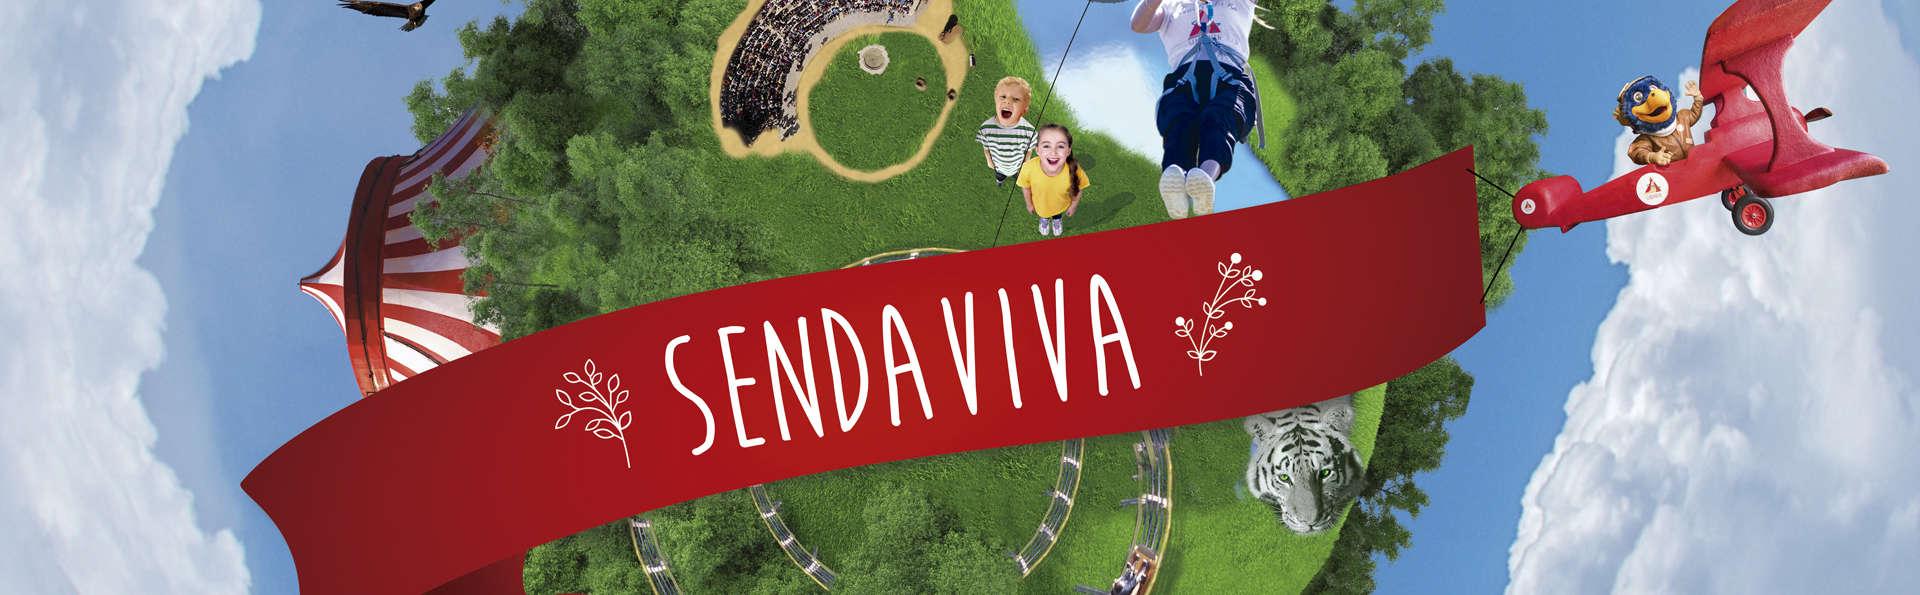 Plan ideal para las familias : hotel y entradas al Parque Natural de Sendaviva para todos!